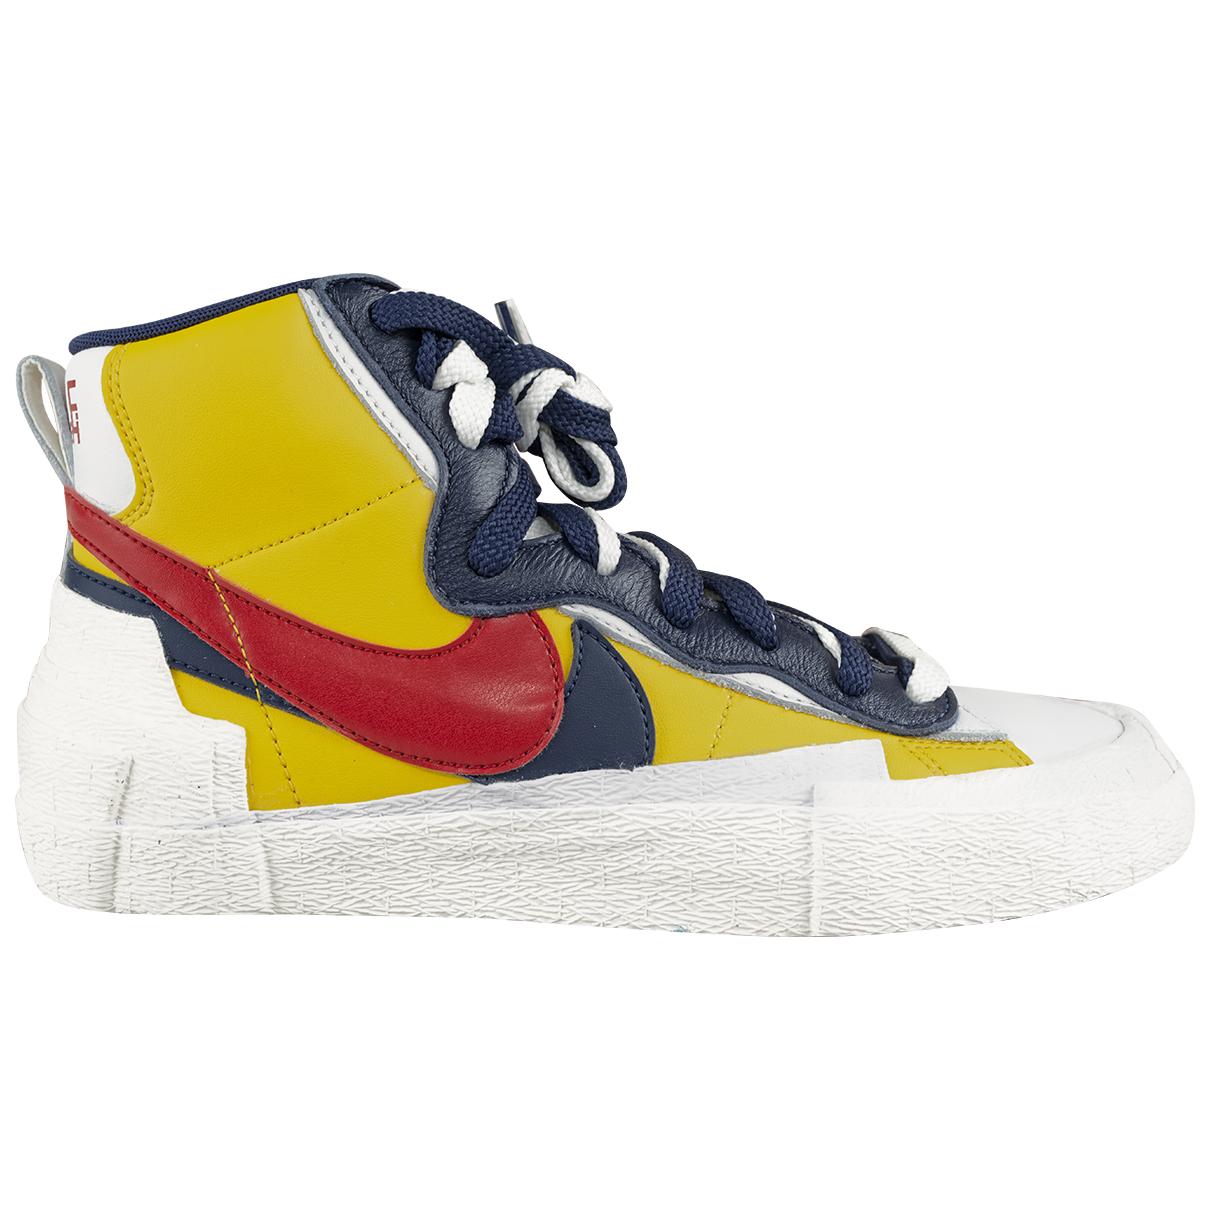 Nike X Sacai - Baskets Blazer Mid pour femme en cuir - jaune